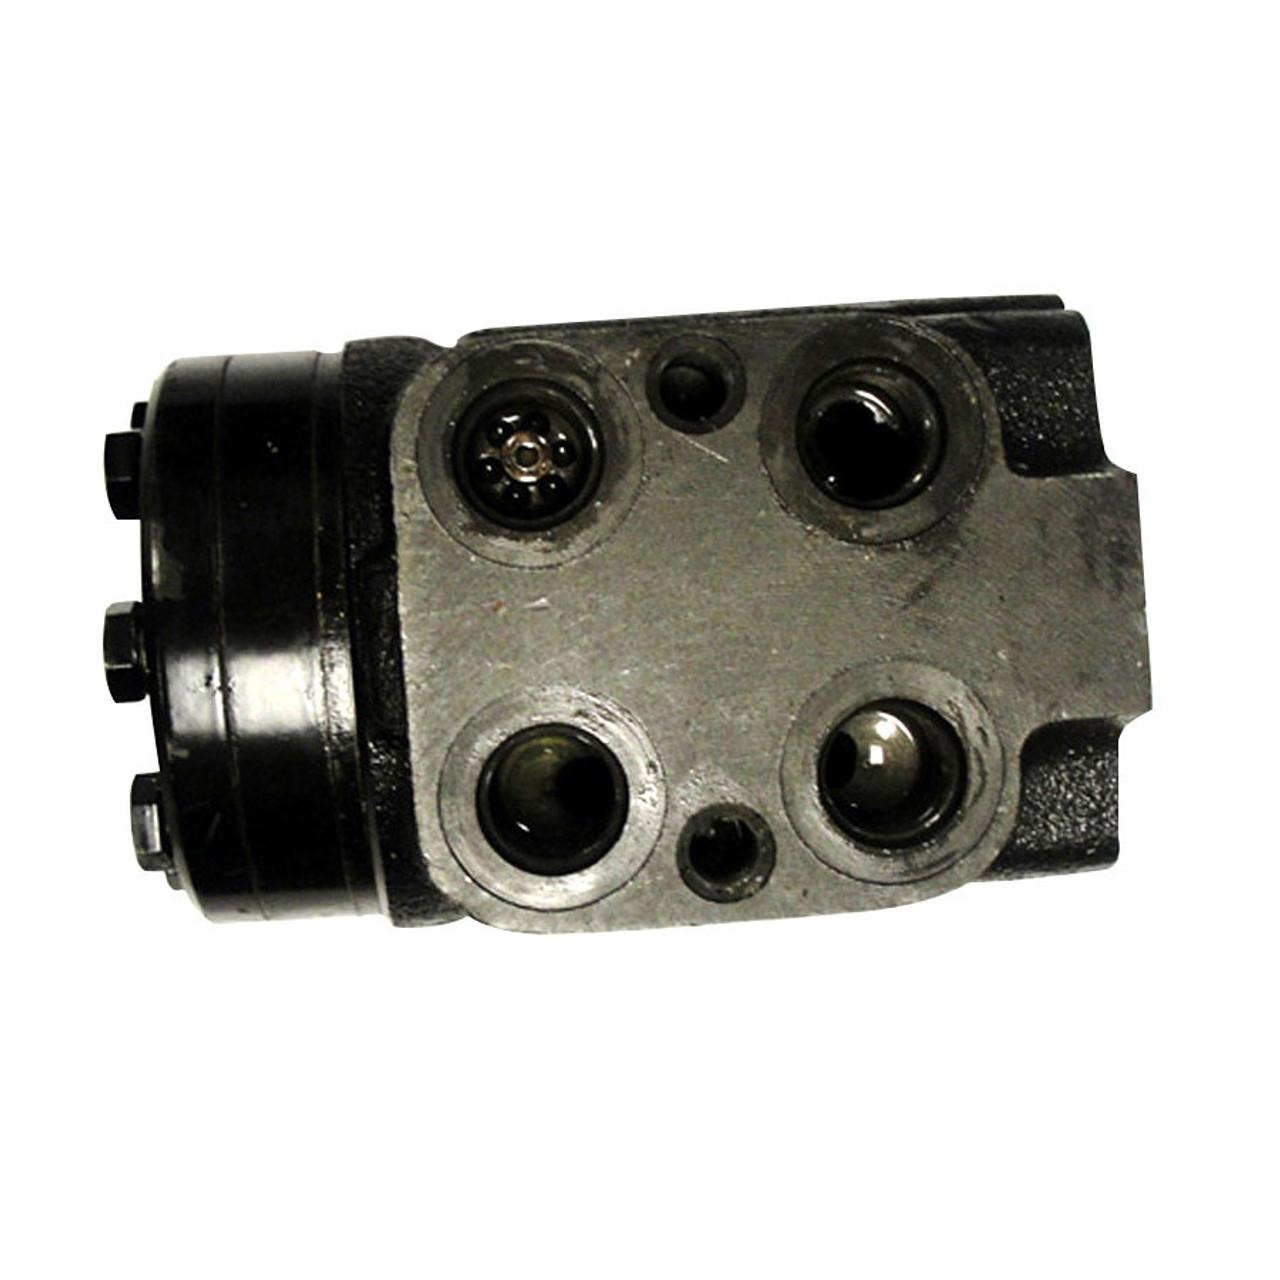 JD Steering Motor AL41633, AL69802